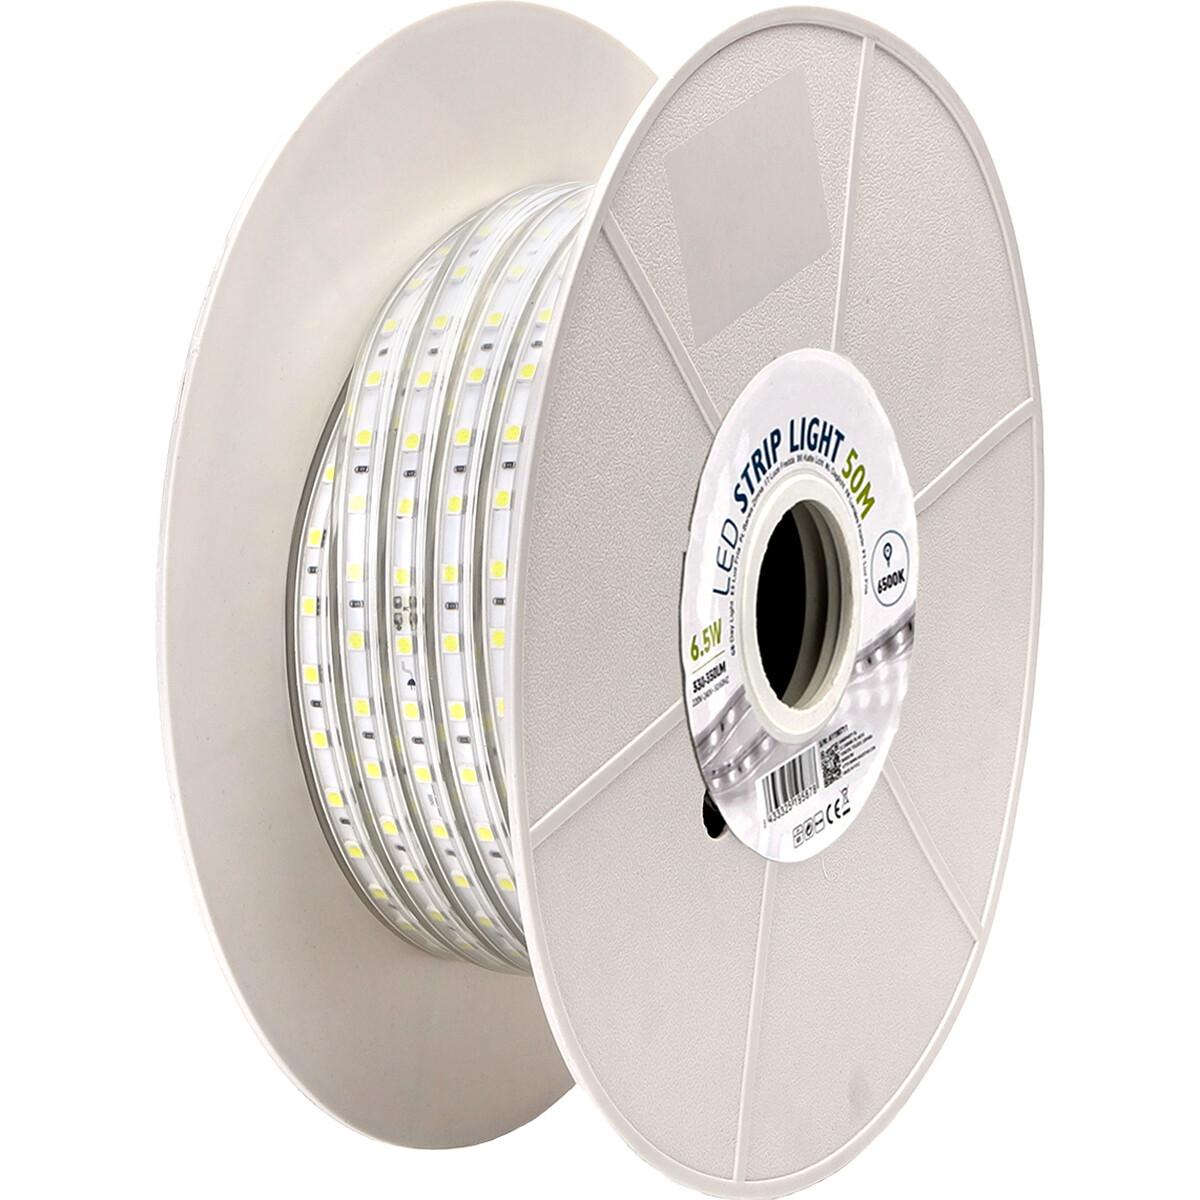 LED Strip - Aigi Stribo - 50 Meter - Dimbaar - IP65 Waterdicht - Helder/Koud Wit 6500K - 5050 SMD 23